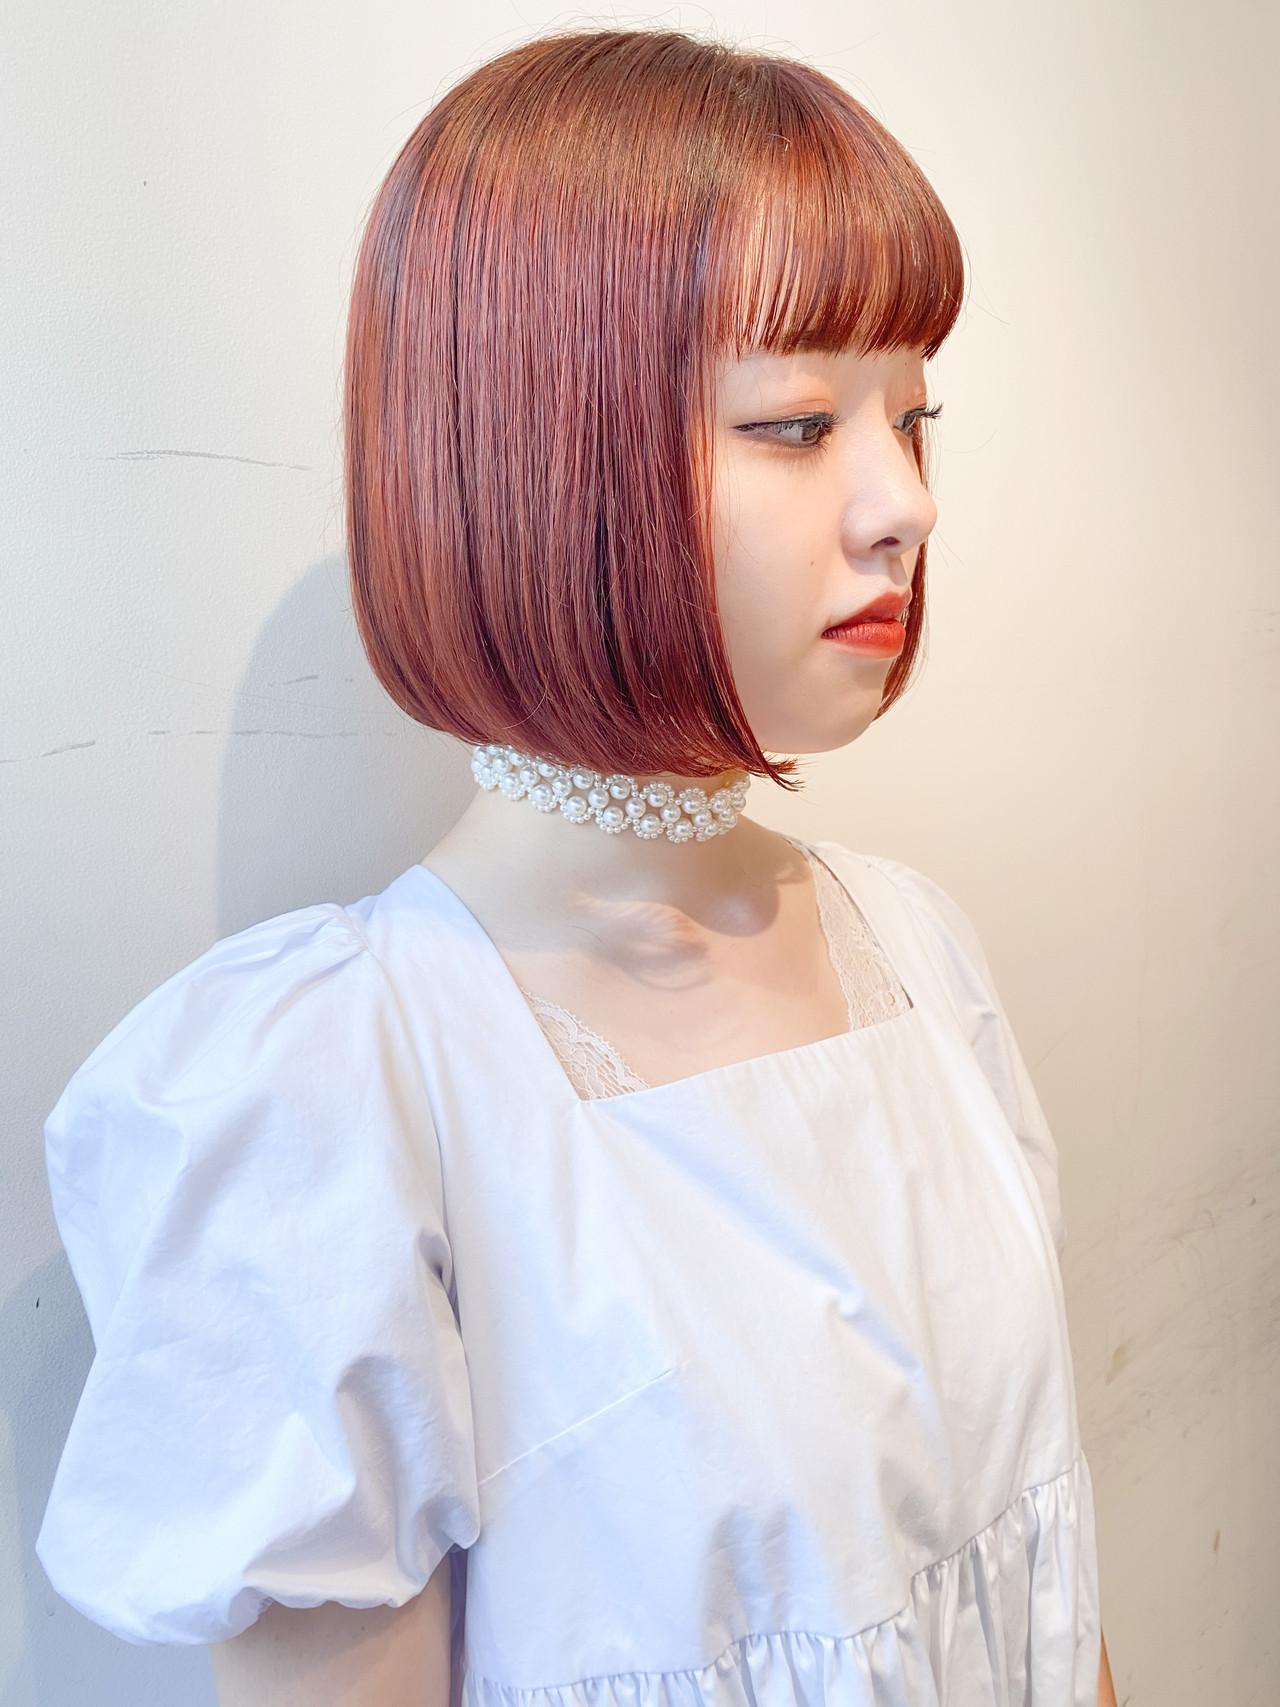 ナチュラル 切りっぱなしボブ オレンジカラー オレンジ ヘアスタイルや髪型の写真・画像